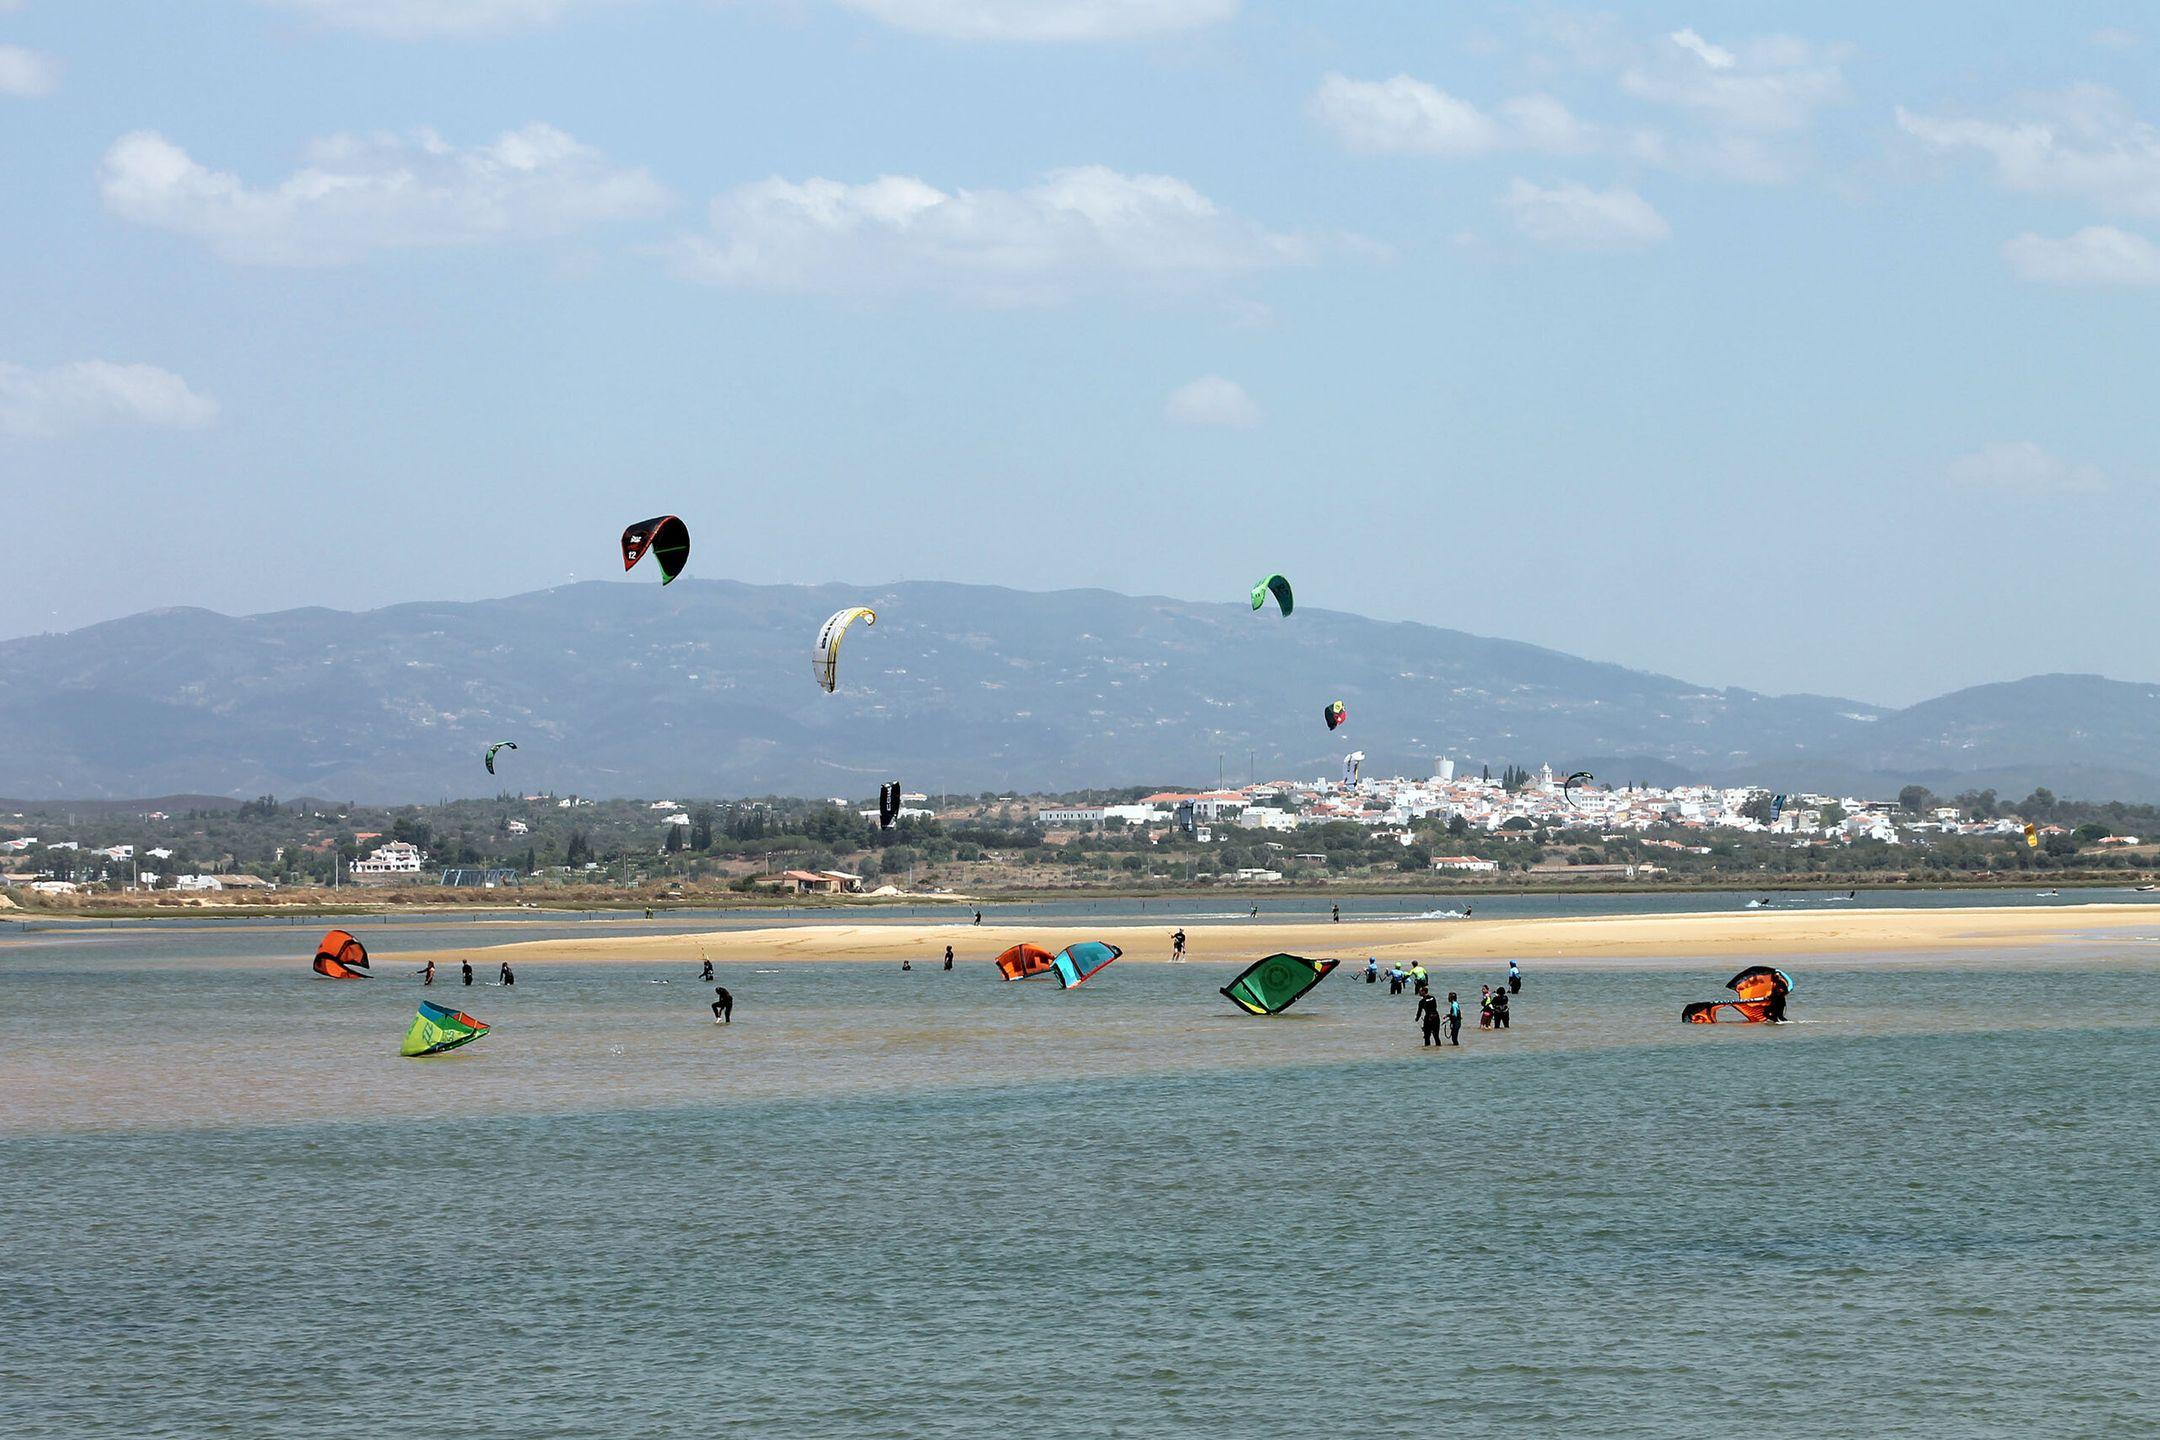 Kite surfing Alvor